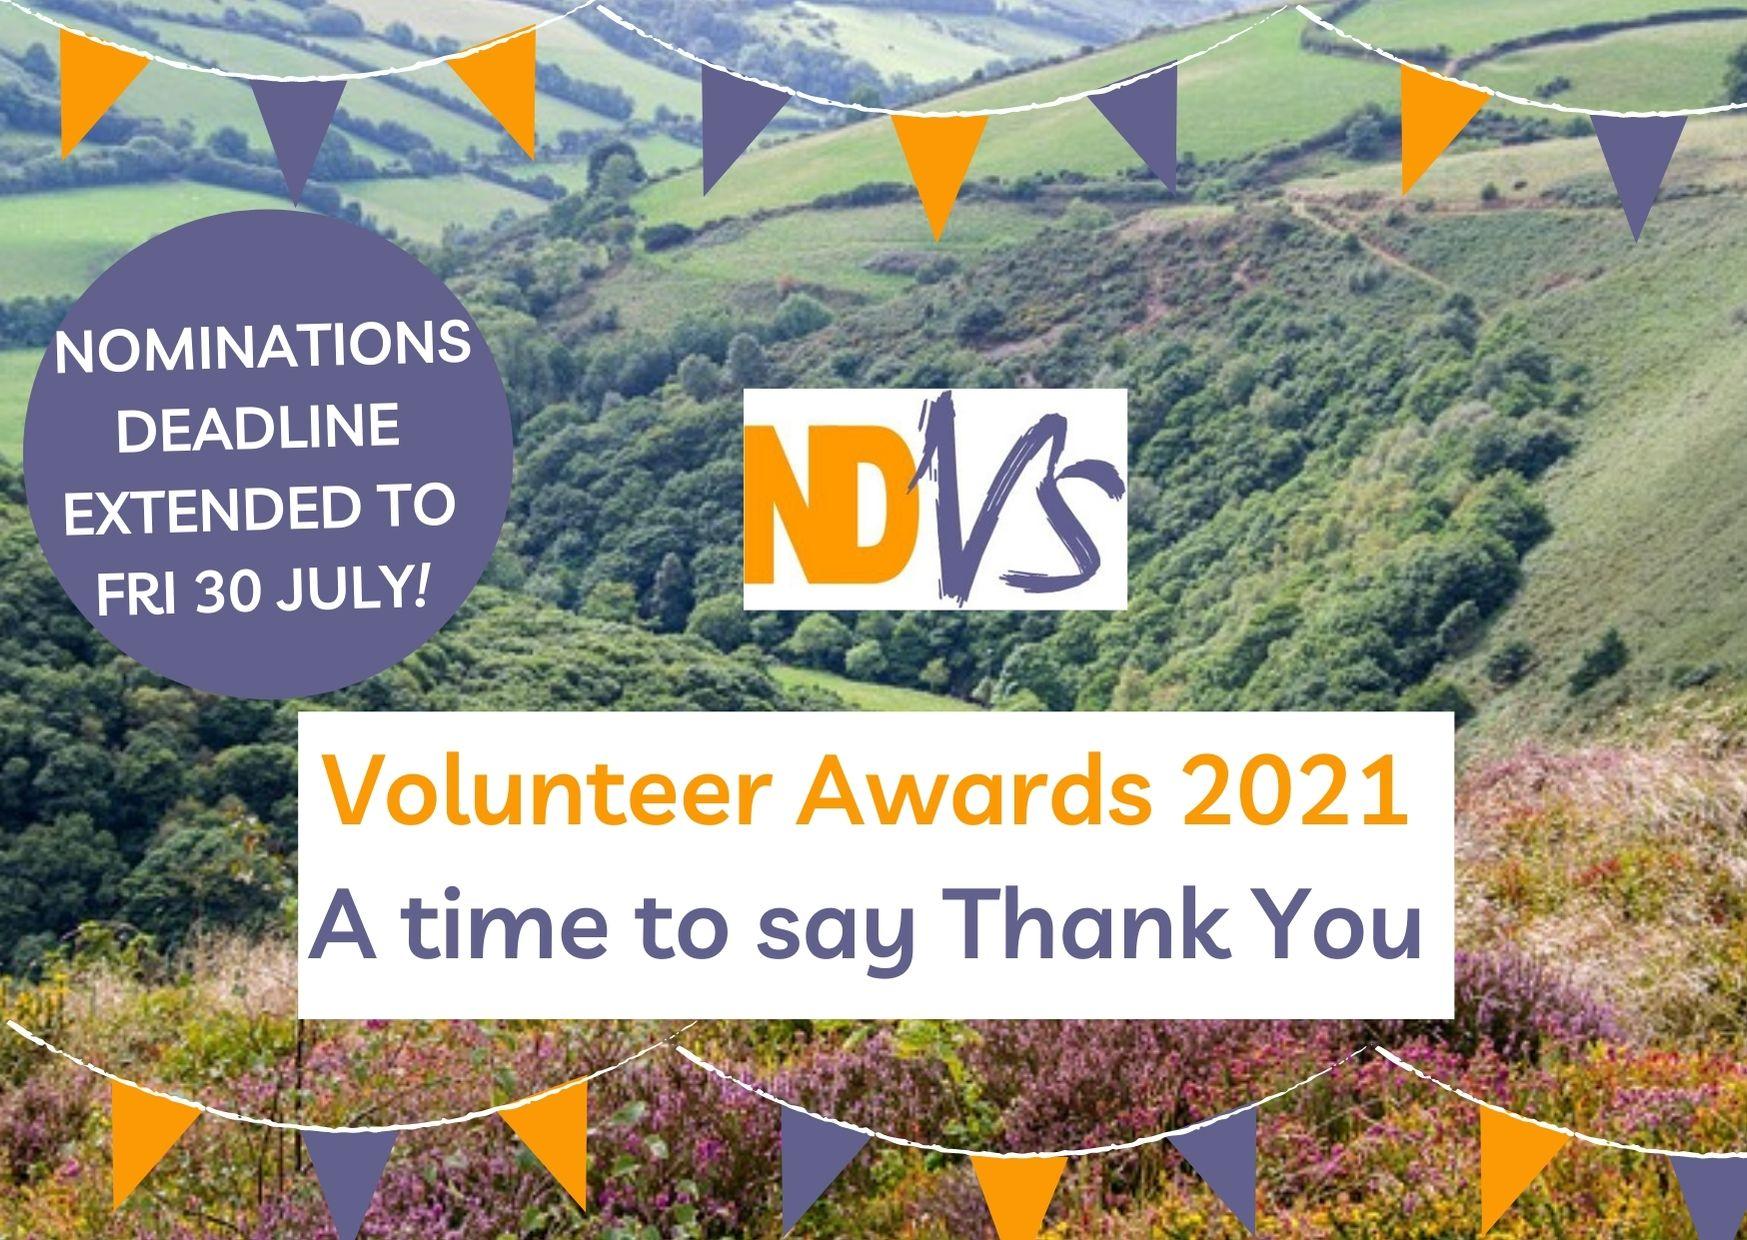 Vol Awards nomination extension